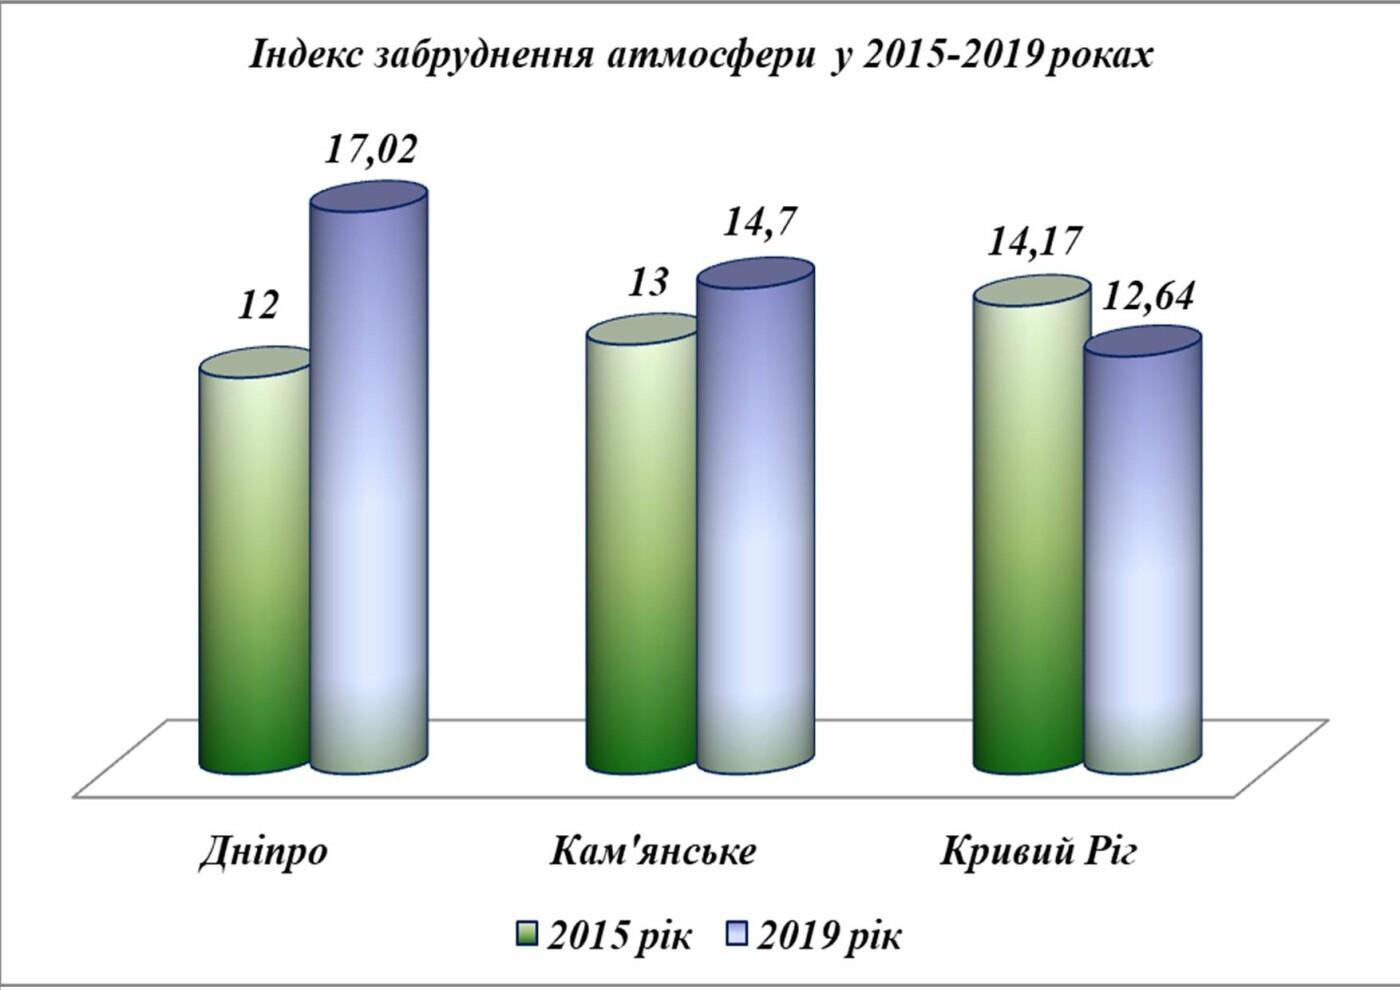 Управление экологии: выбросы загрязняющих веществ в воздух Кривого Рога в 2019 году всего на 1% больше, чем в 2018 , фото-2